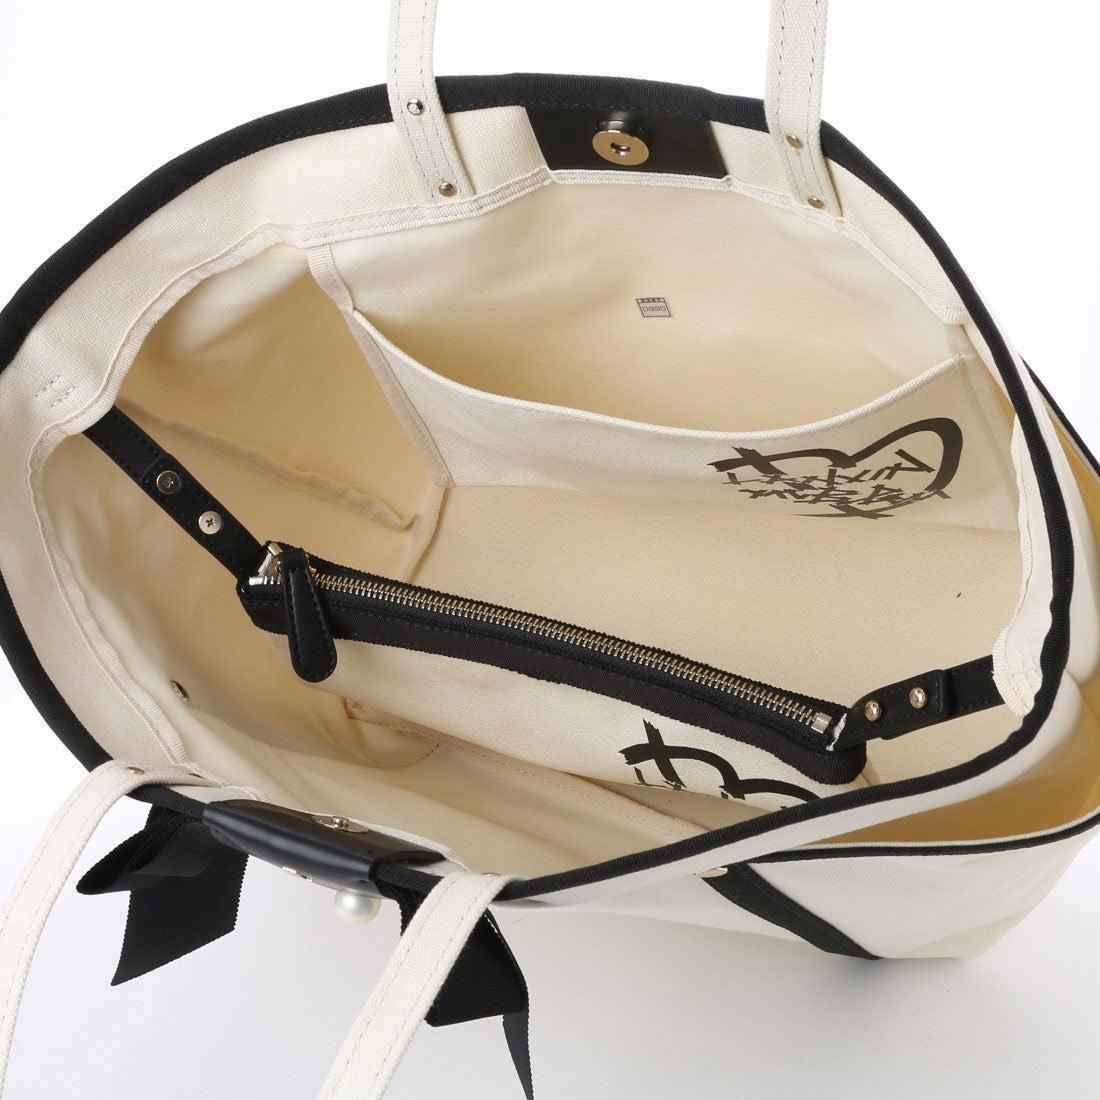 【中古】 ブラック 【送料無料】 サイズ:- 【3月1日 お値段見直しました】 トリバッグ mina perhonentori bag